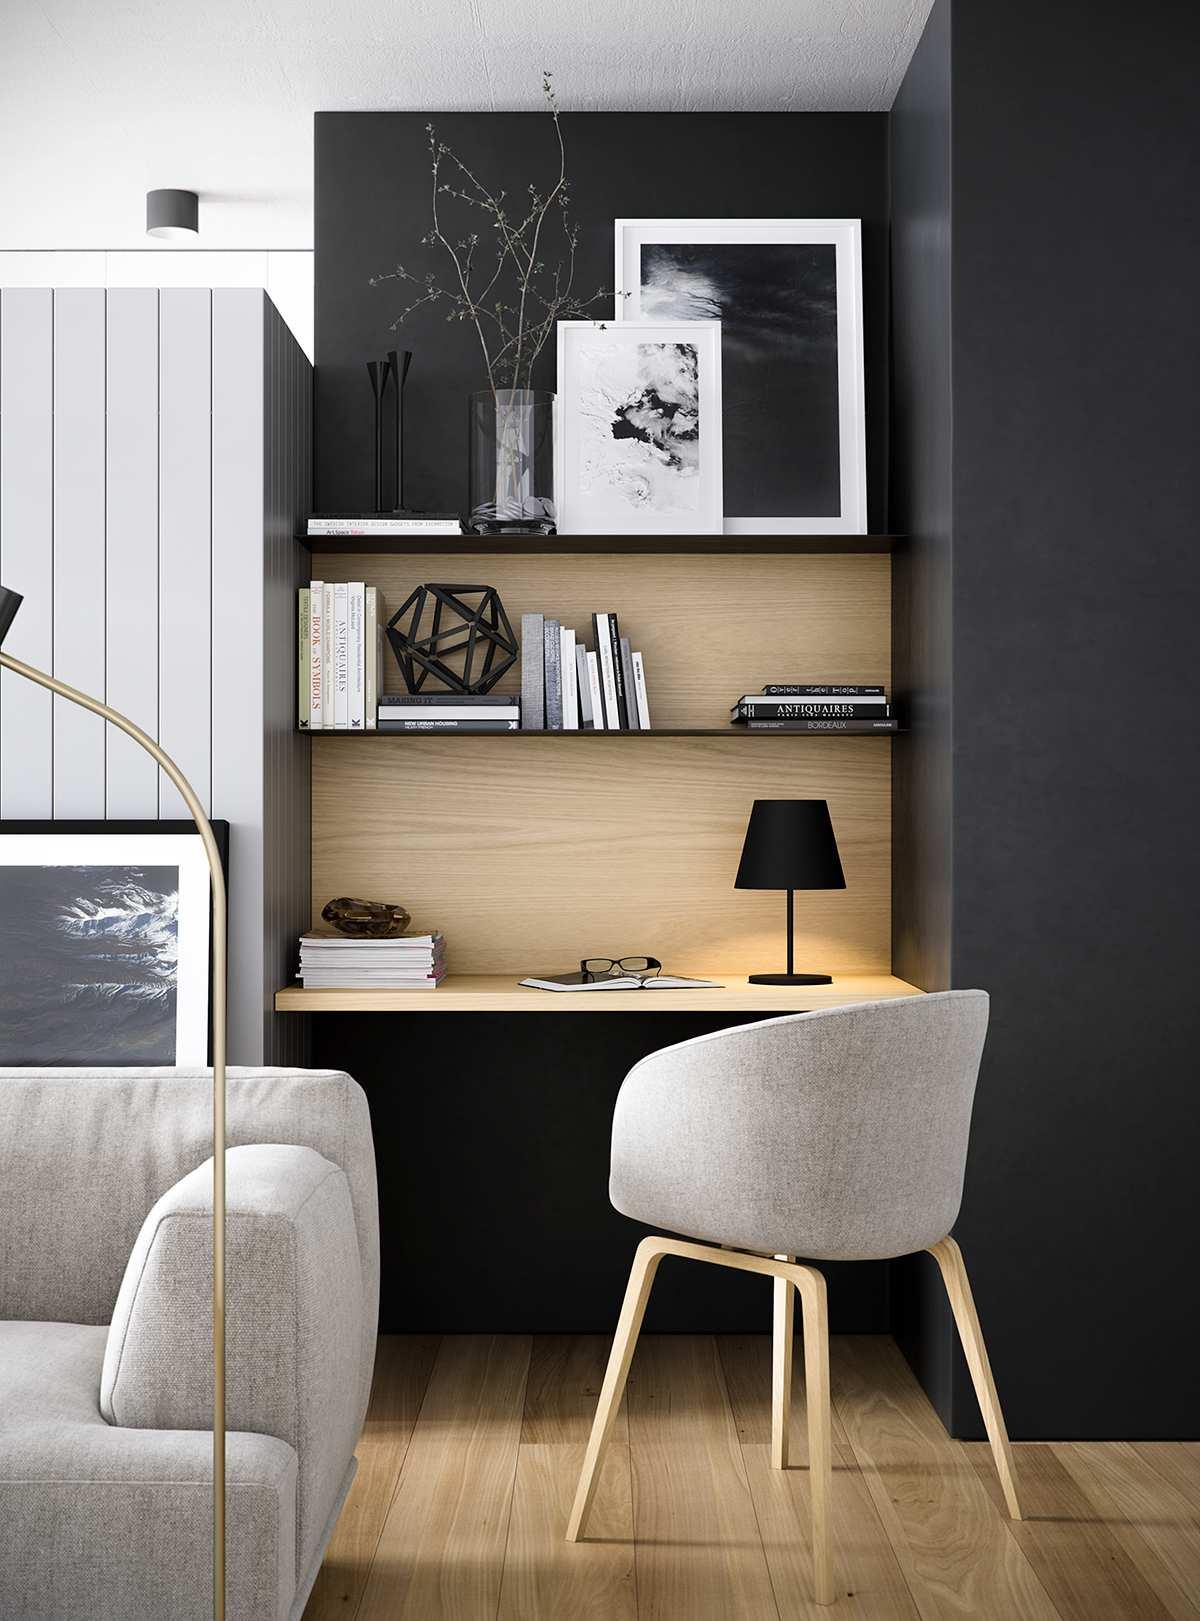 طراحی داخلی دفتر کار خانگی مدرن